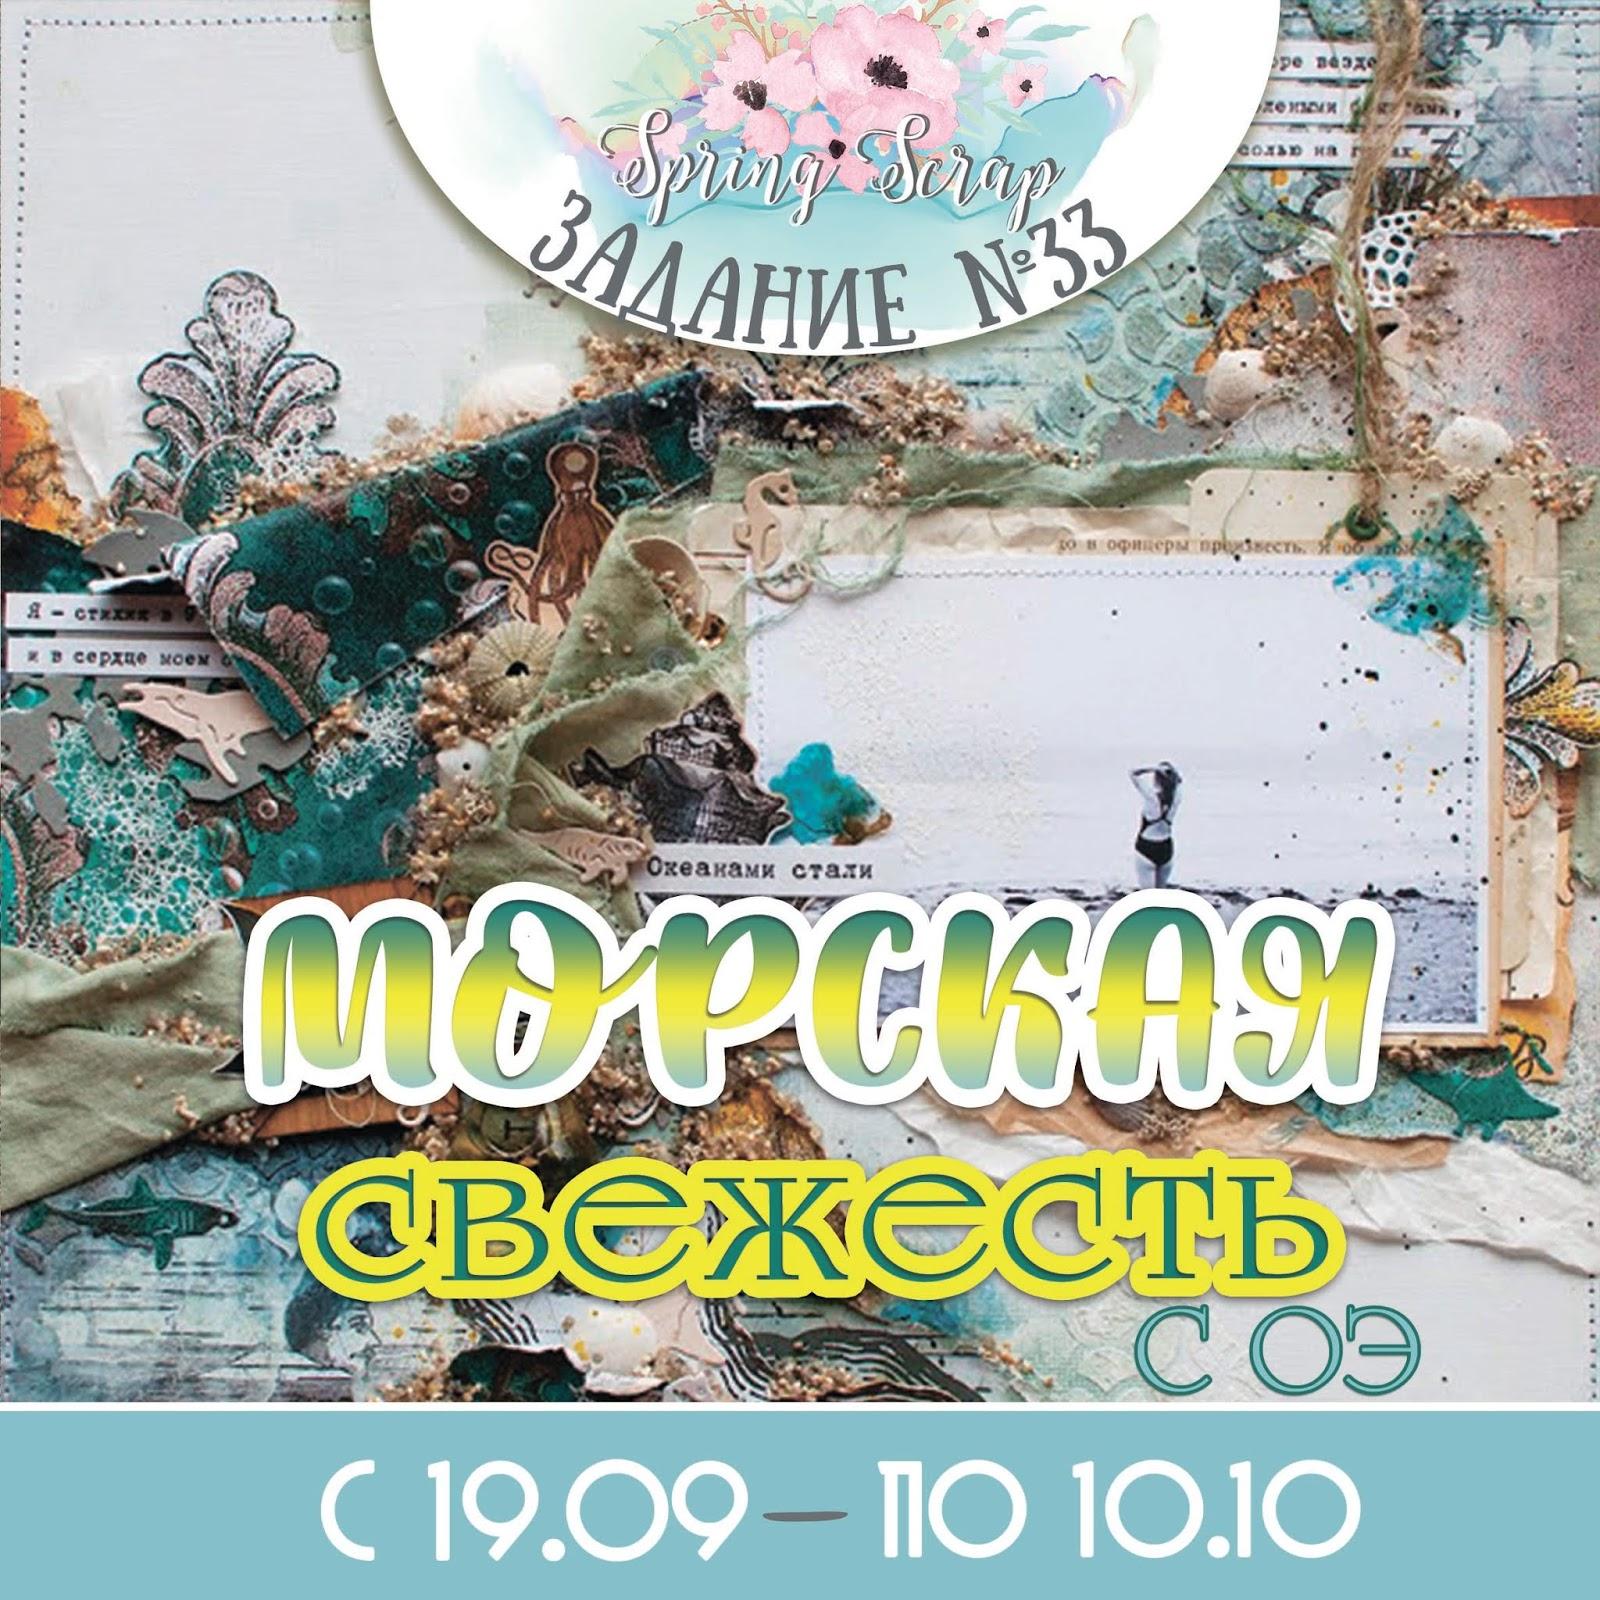 Морская свежесть 10/10